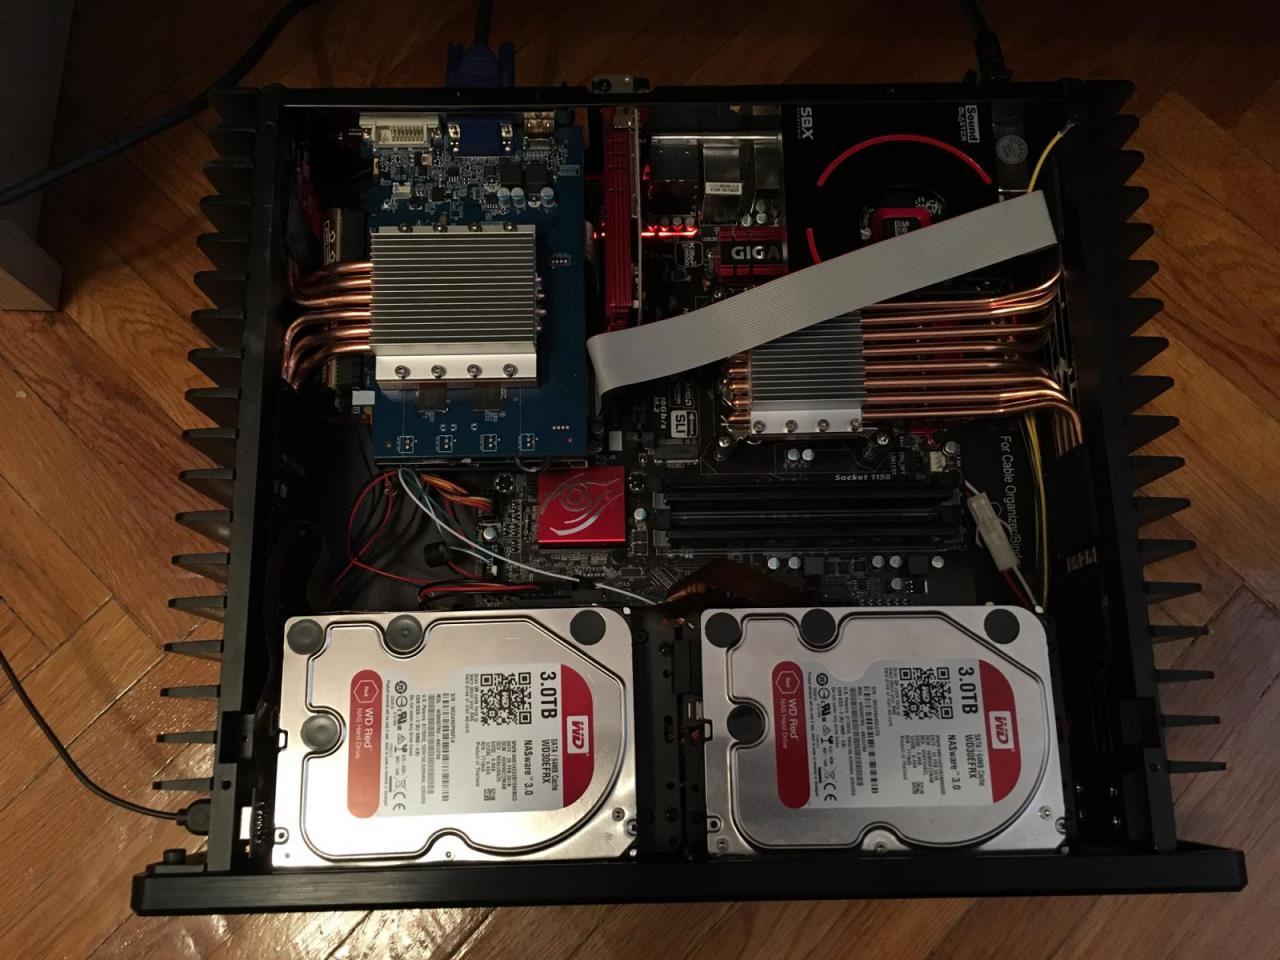 HDPLEX Fanless H5 PC case build log